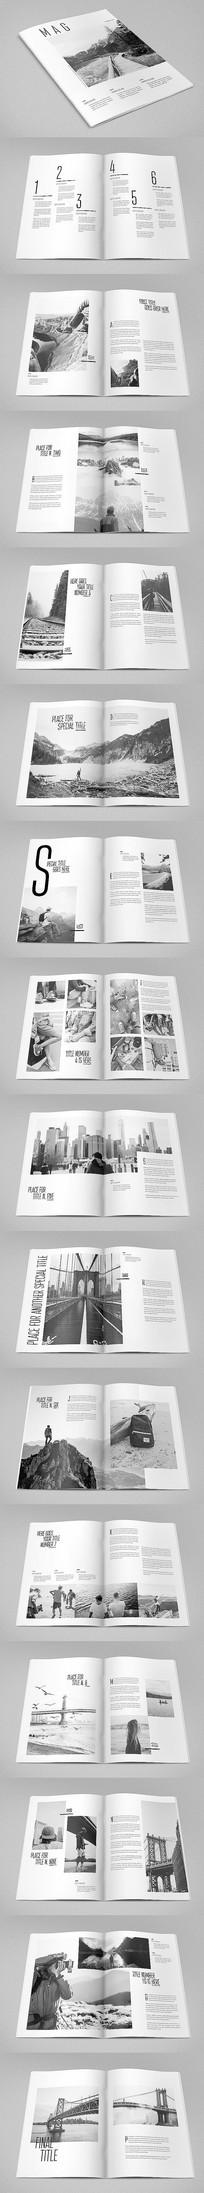 时尚杂志书籍